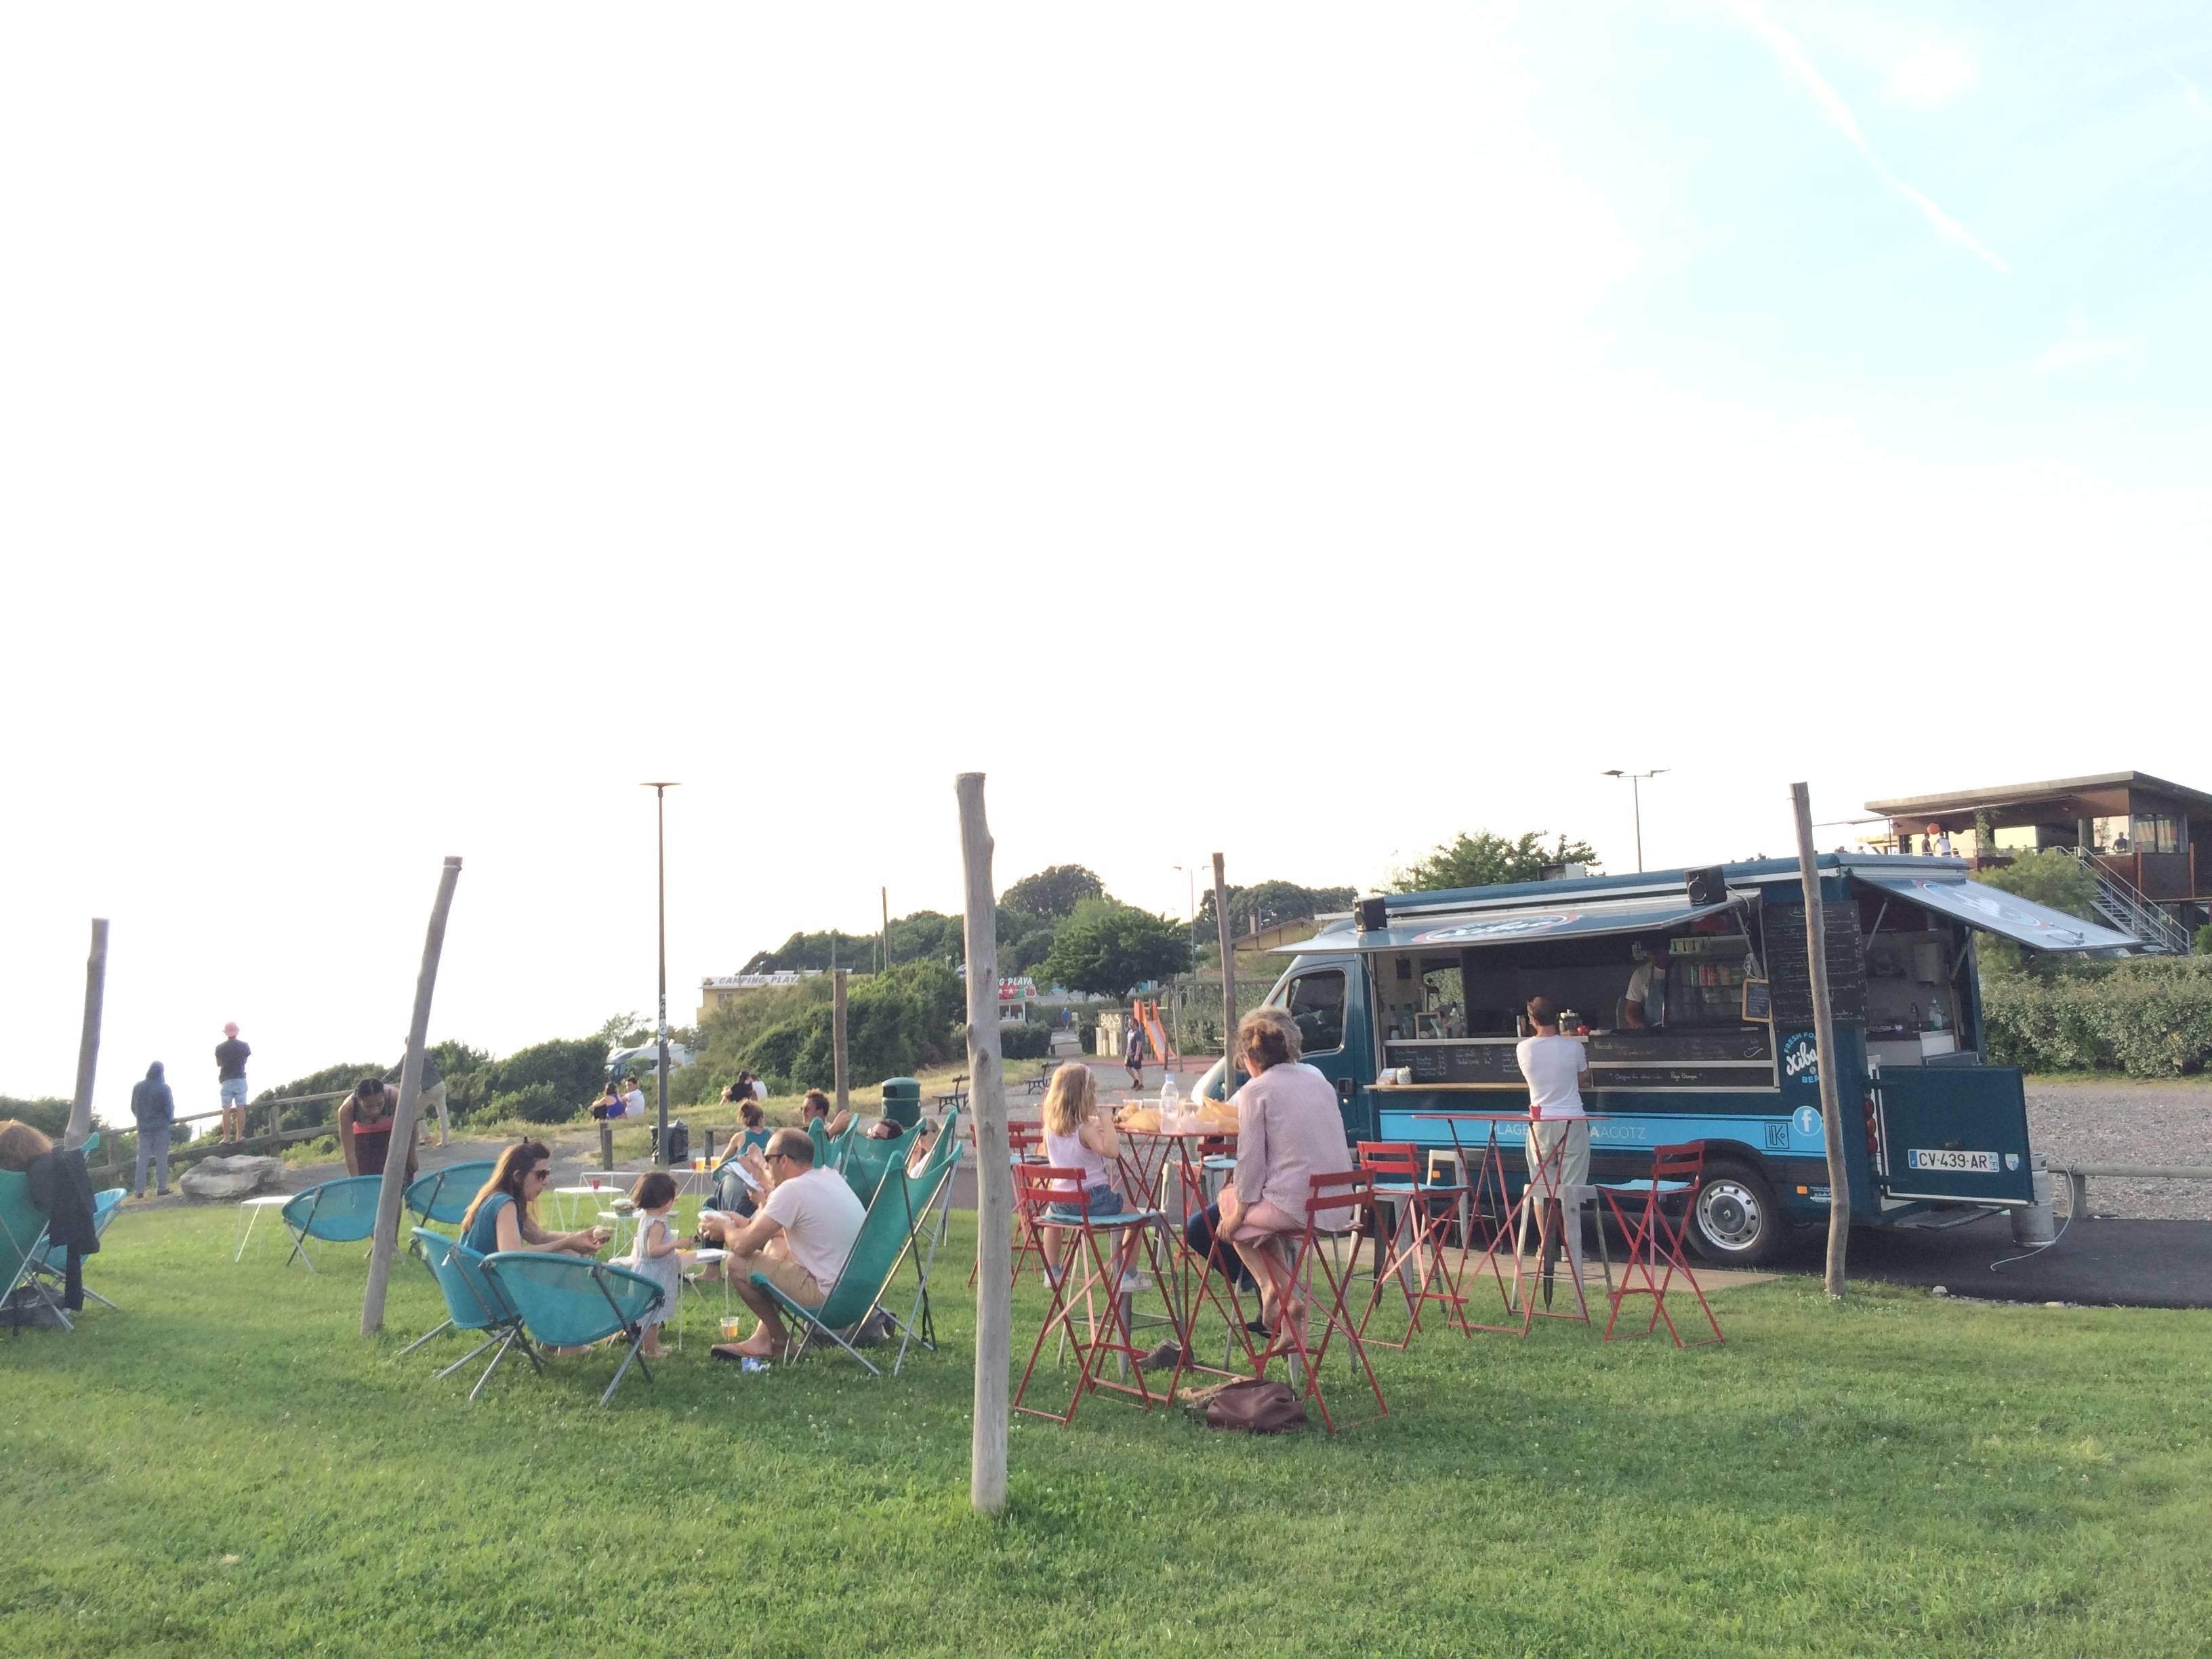 Photo 1: Le food truck de lafitenia